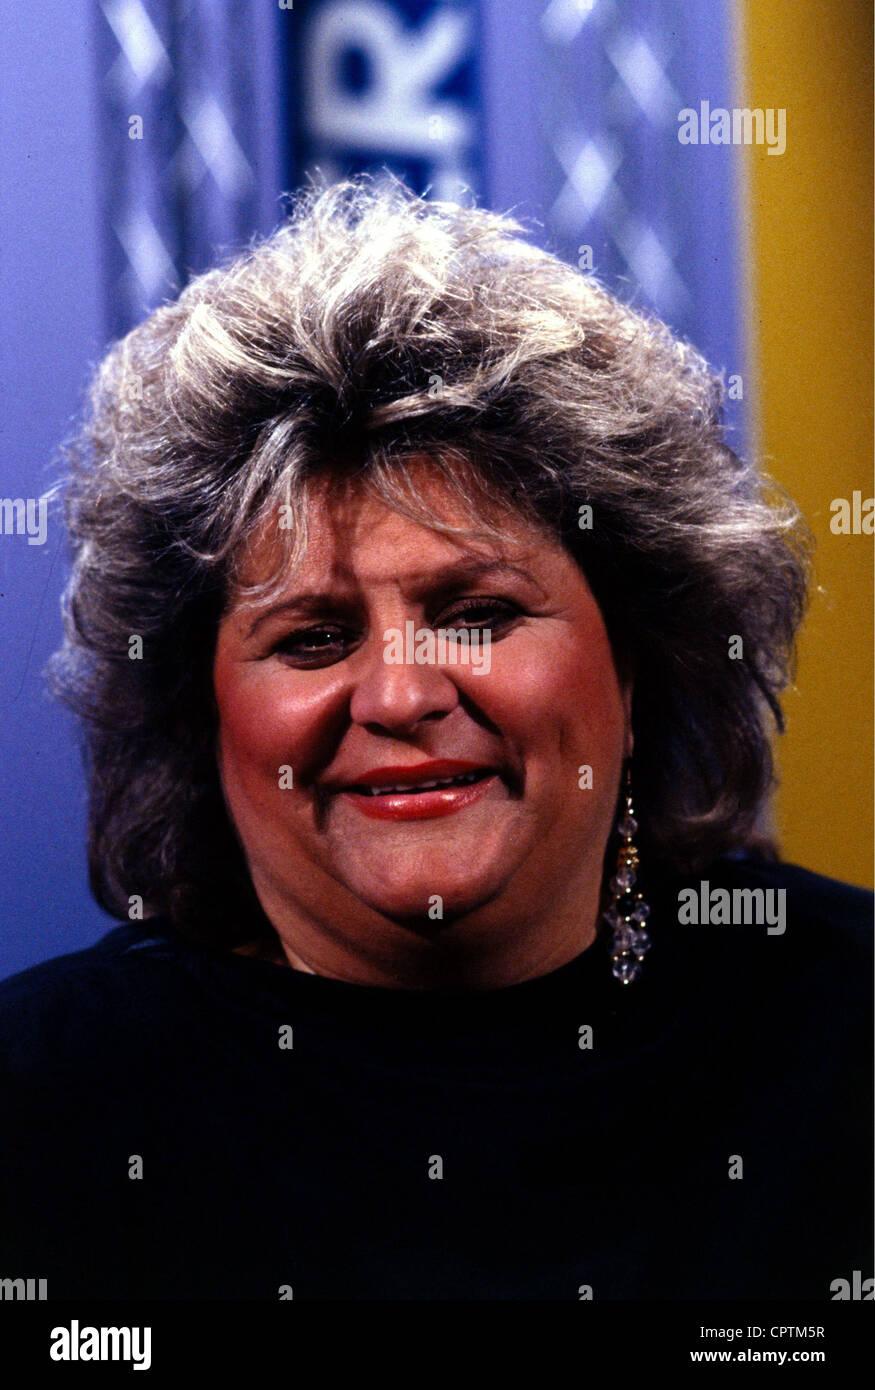 Fleming, joie, * 15.11.1944, la chanteuse allemande, portrait, 1992, Photo Stock